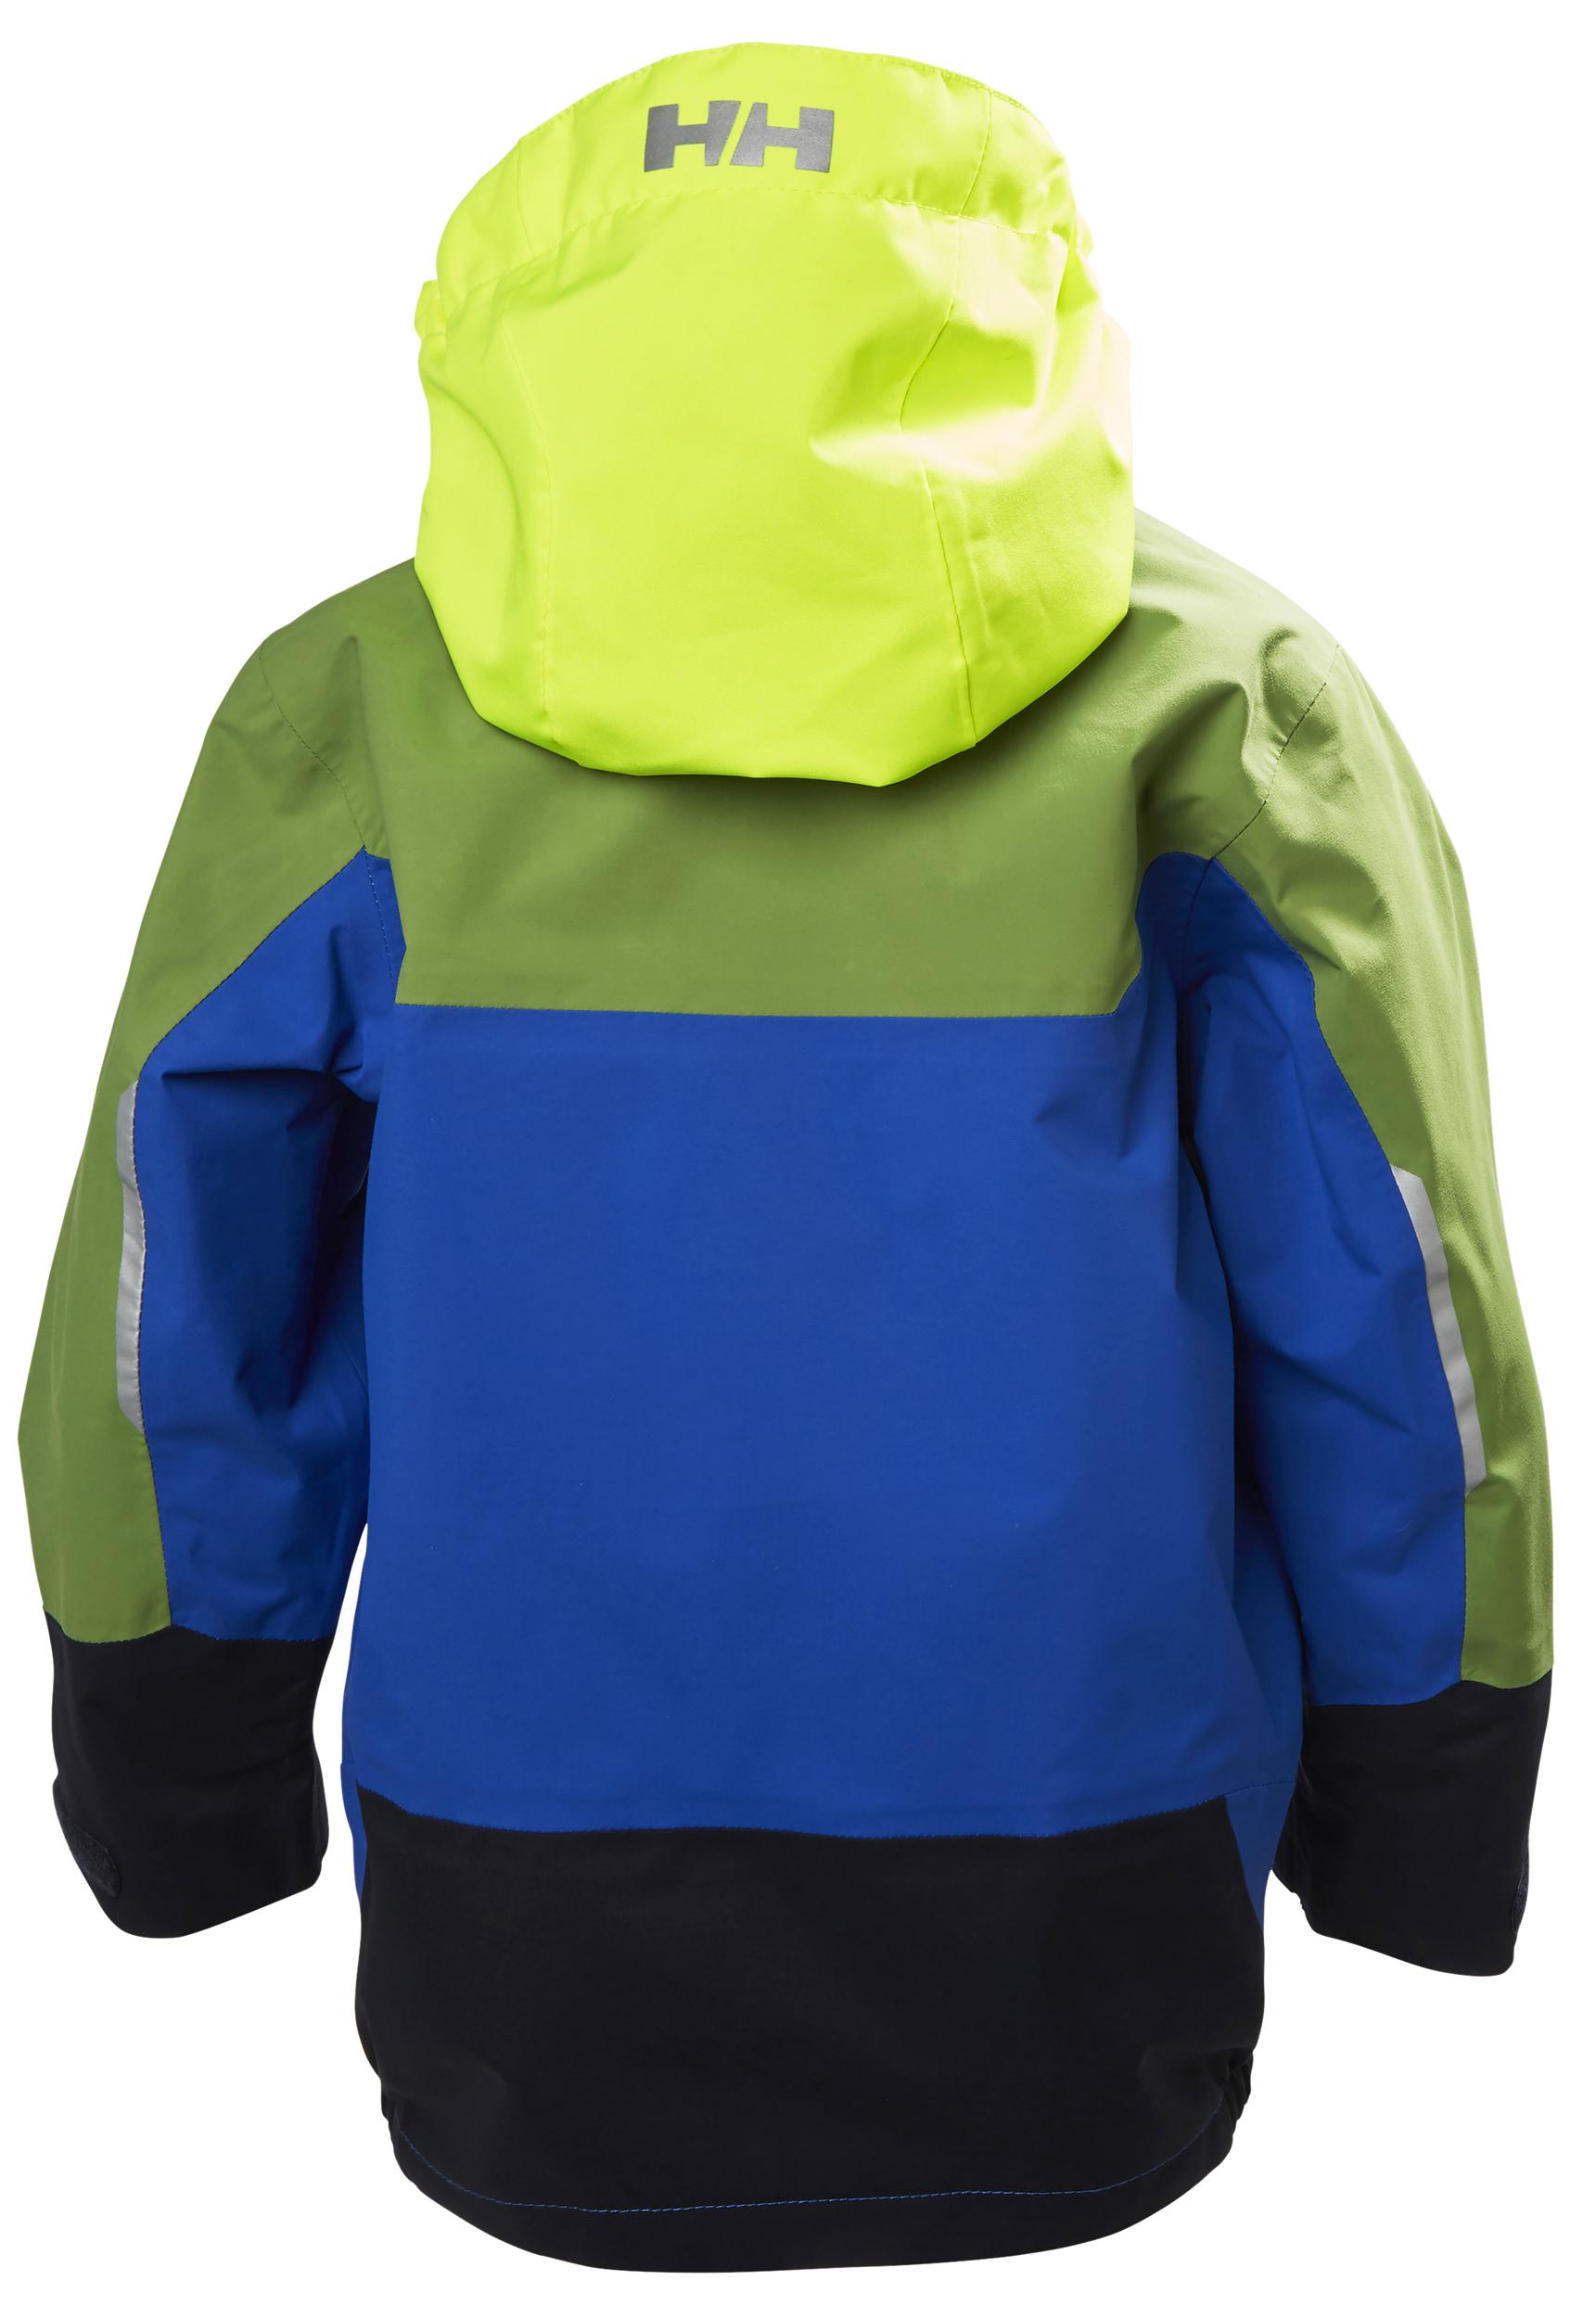 ad9554c0 Helly Hansen Shelter Jacket - Children   MEC